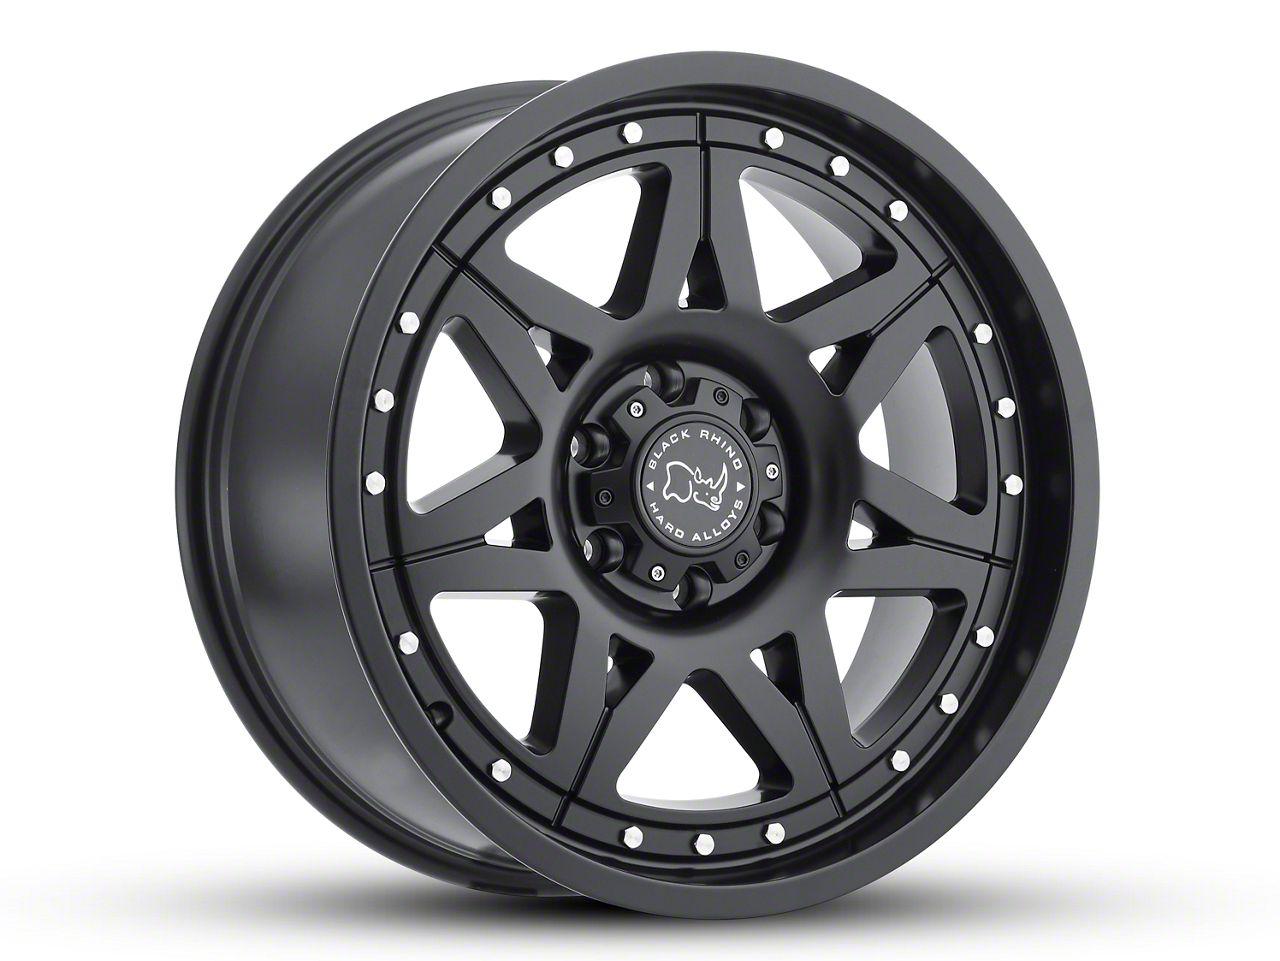 Black Rhino Hammer Matte Black 6-Lug Wheel - 17x9 (99-18 Silverado 1500)